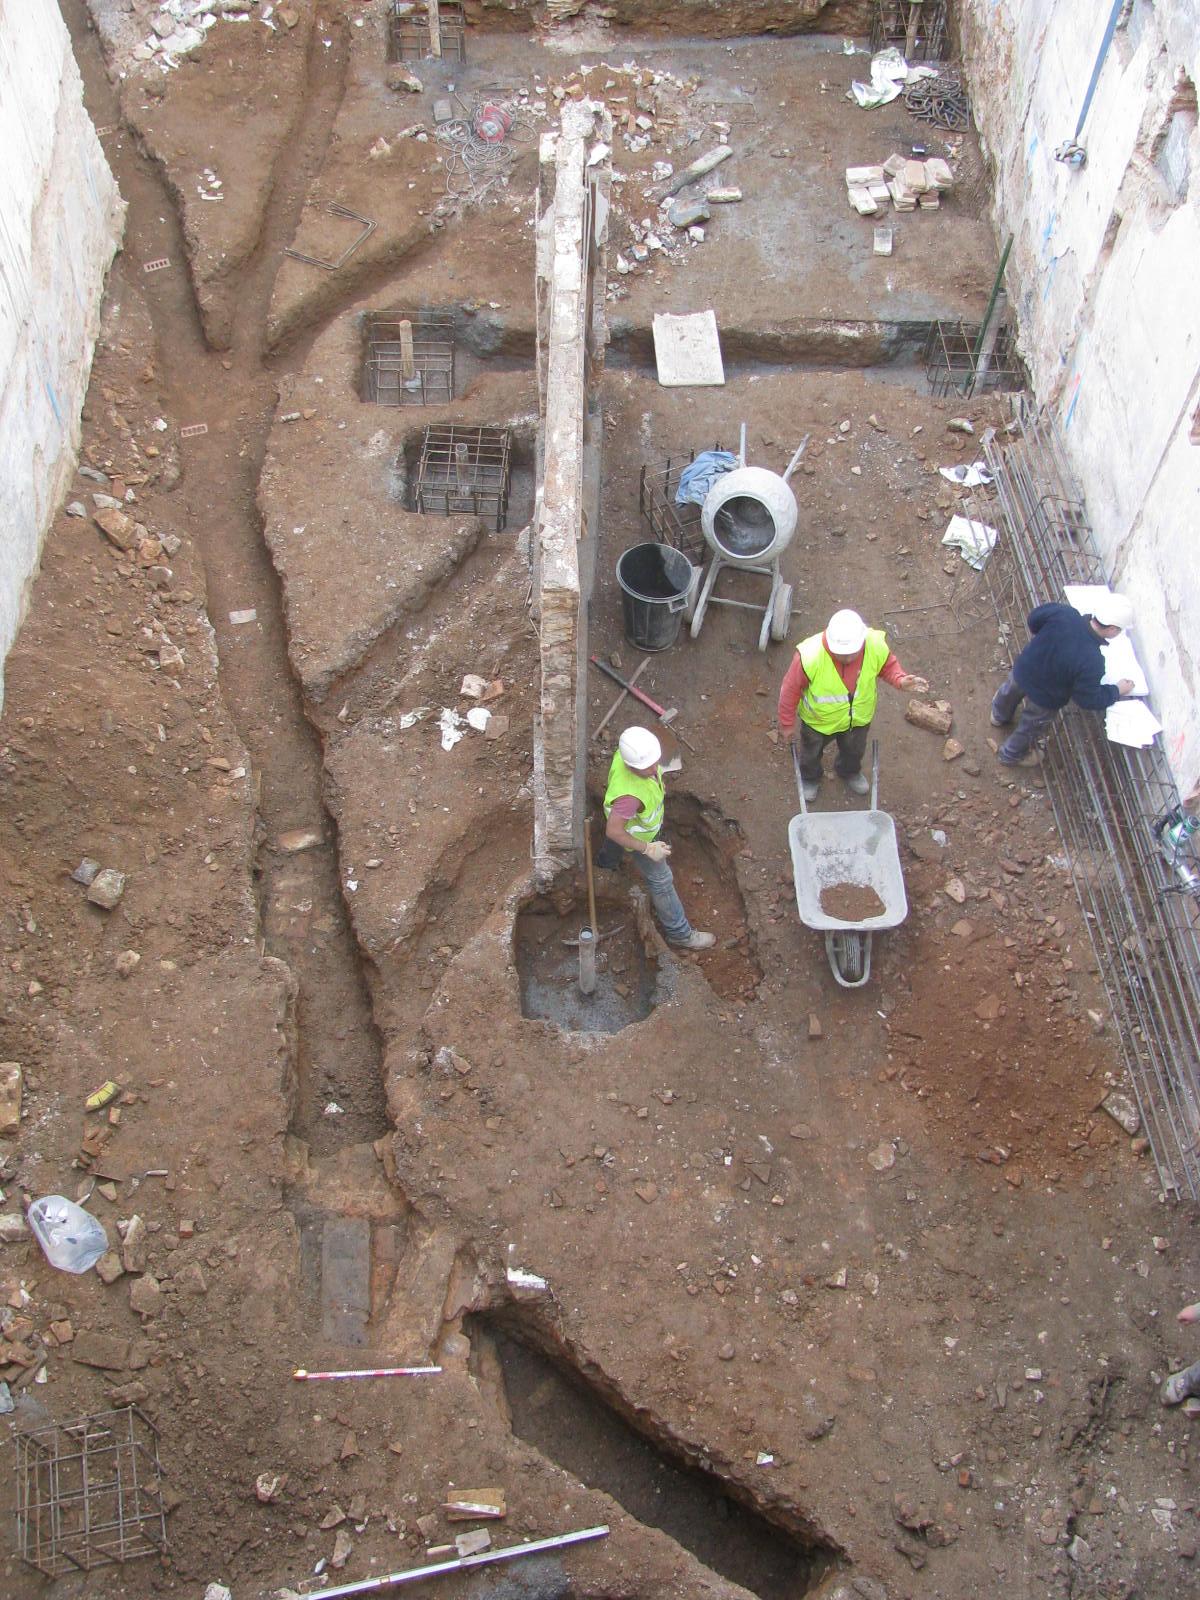 Treballs d'excavació de les rases al pati de l'edifici de Sant Pere Més Baix, 48-50. Foto: Iñaki Moreno (ATICS S.L.)